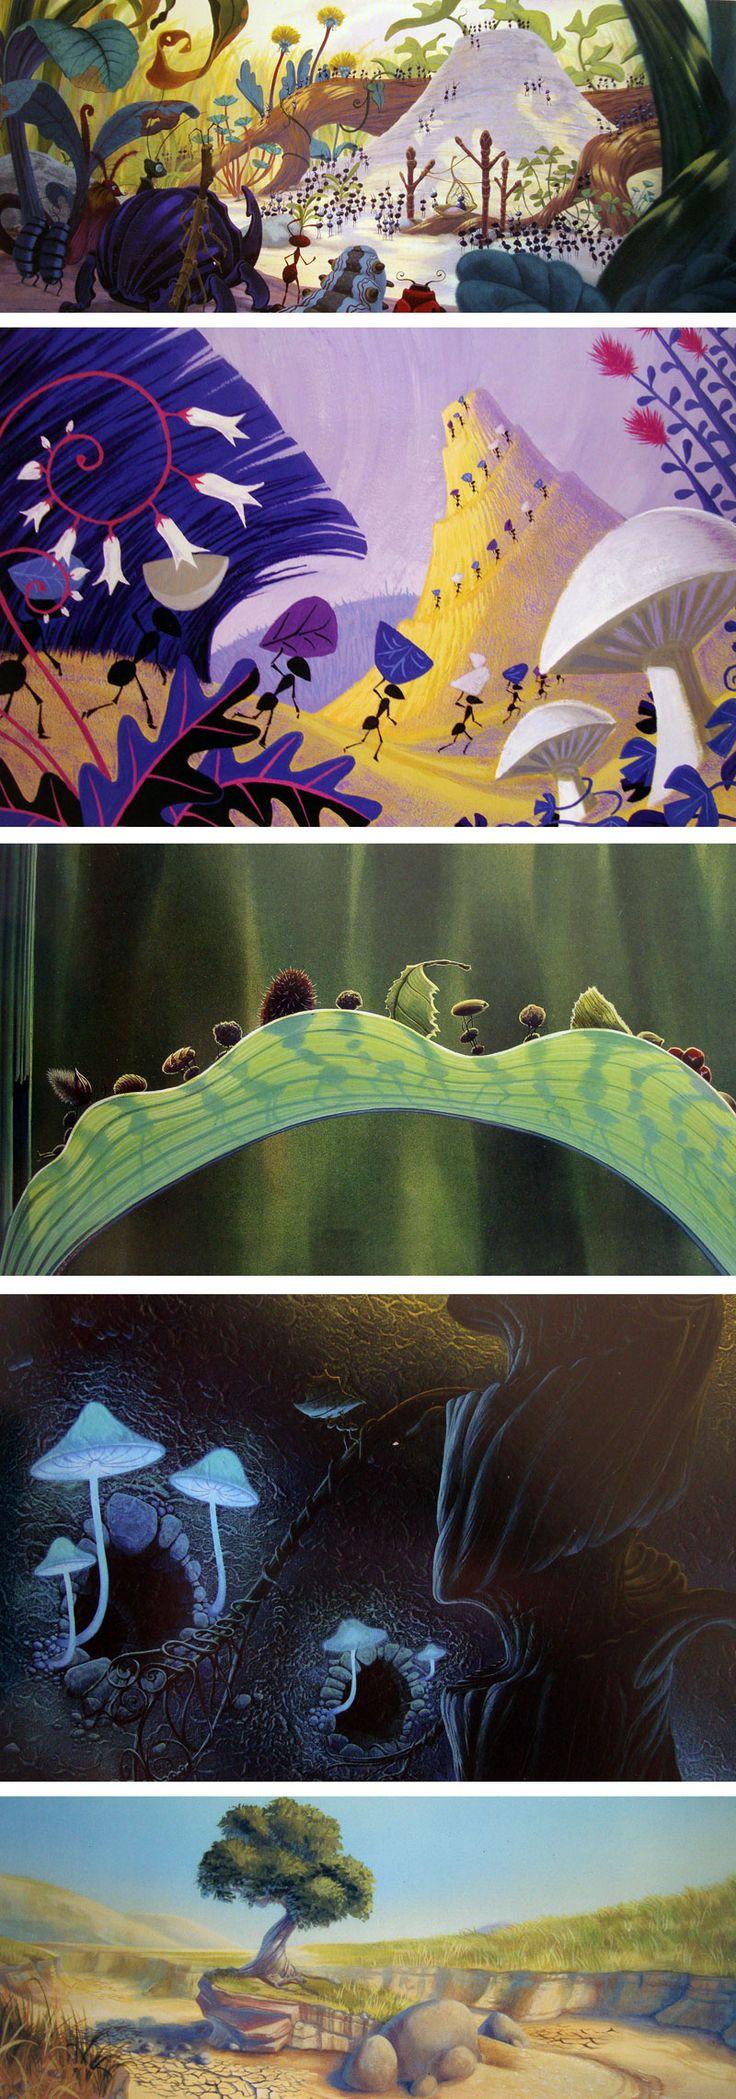 The-Art-of-Pixar-BugsLife (Tia Kratter, Bill Cone, Geefwee Boedoe)